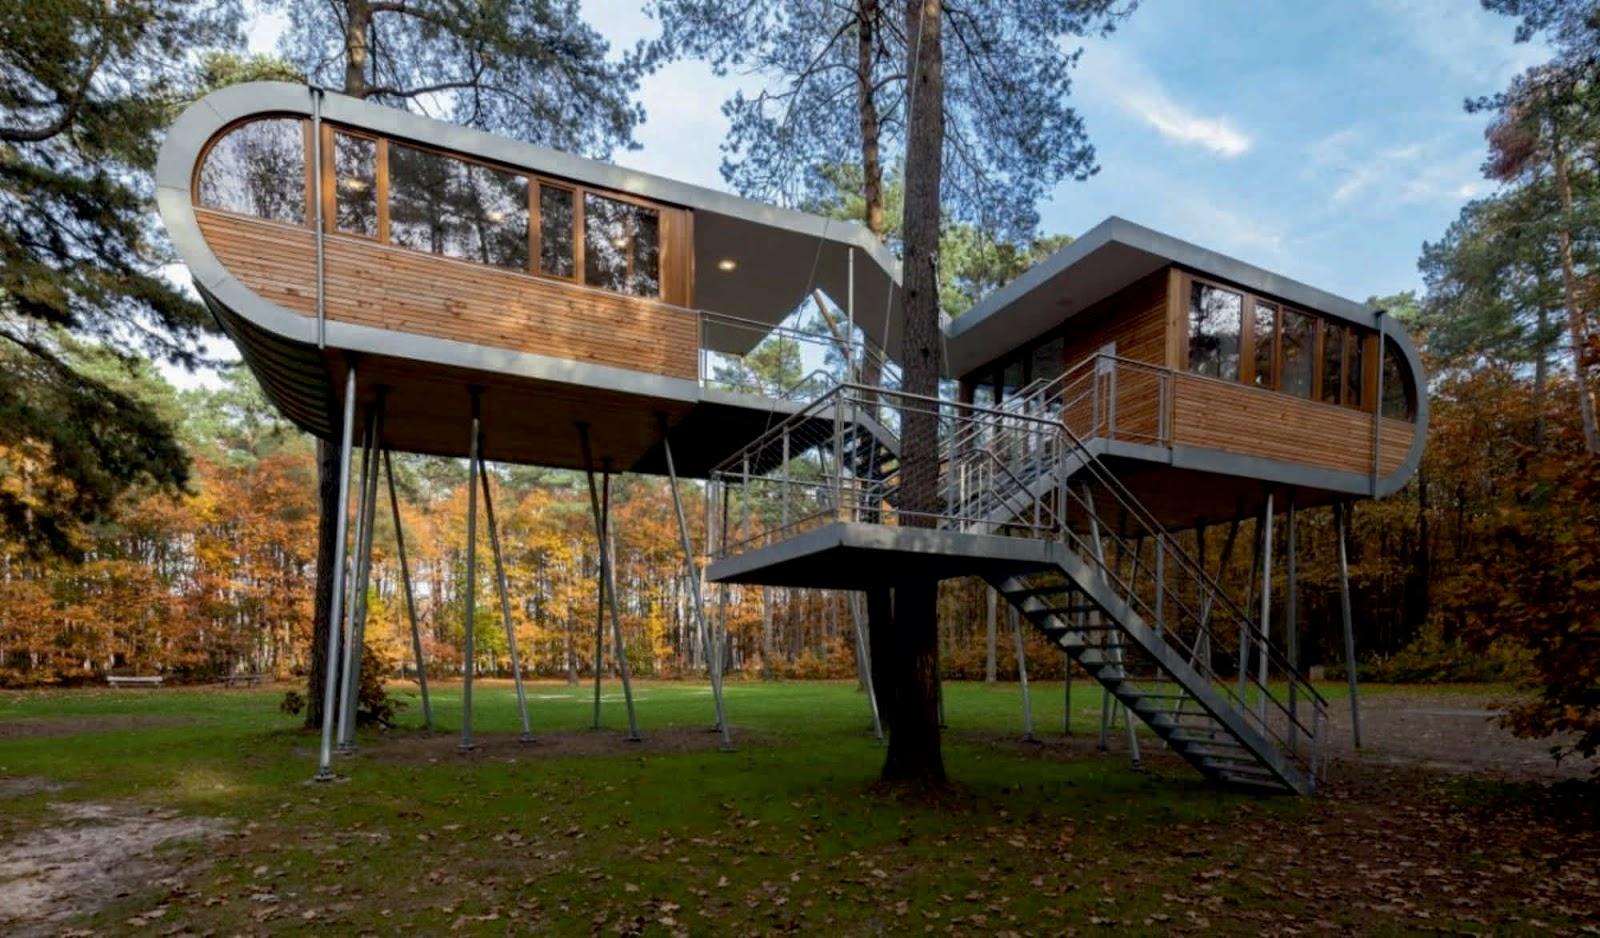 Casas lindas 26 fotos inspiradoras arquidicas for Casa home belgique